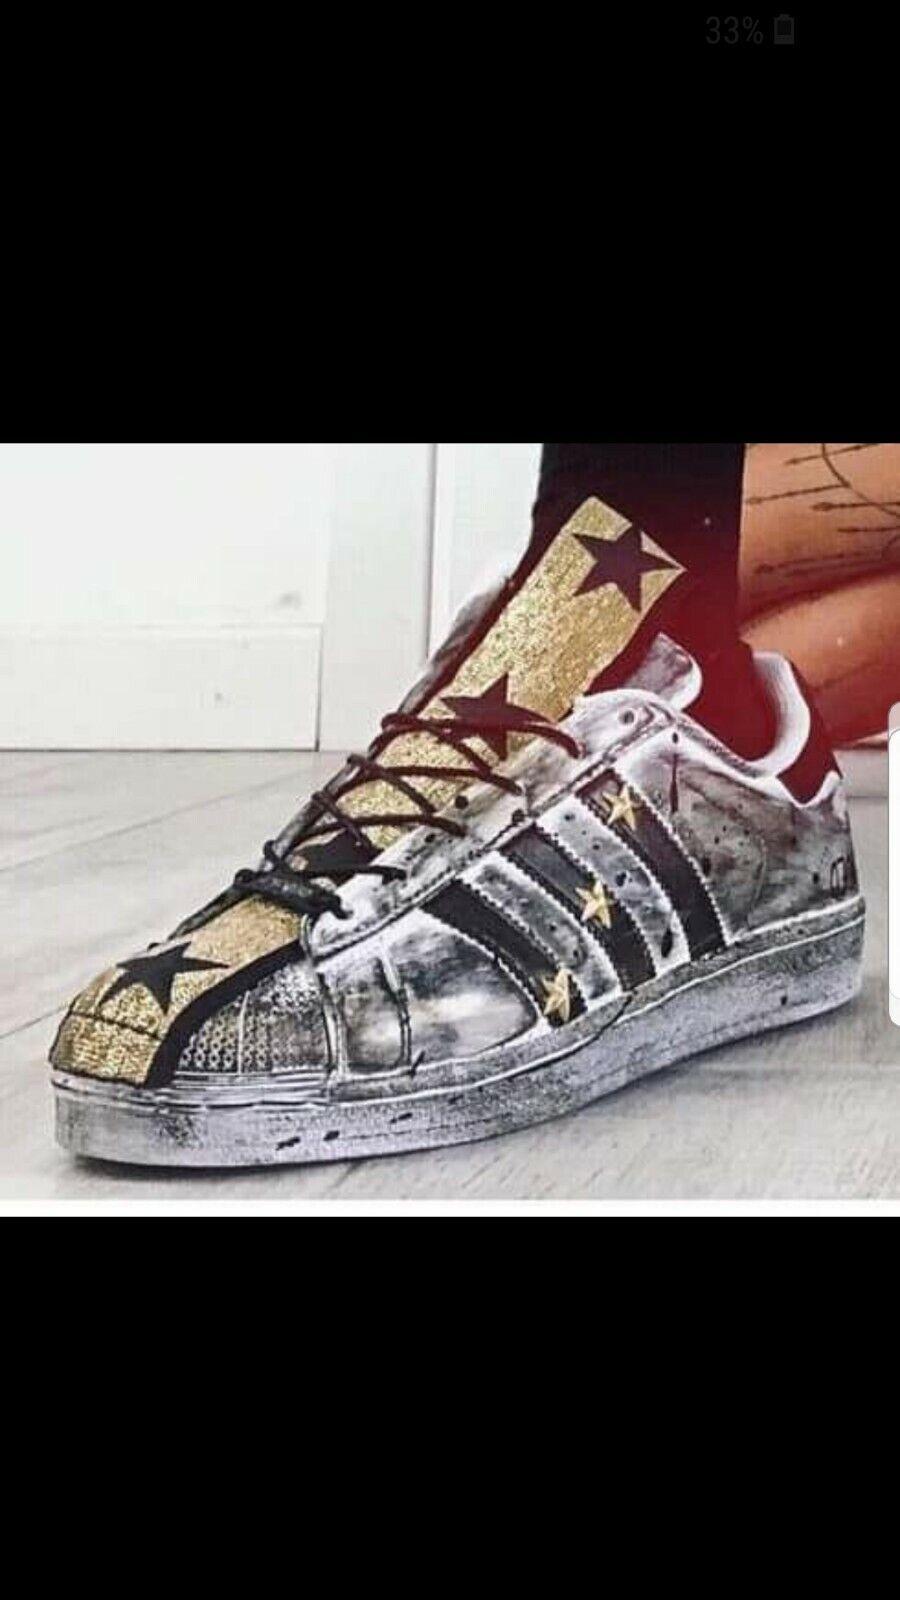 Schuhe Adidas Superstar mit Lasche mit Glitzer Bunt und Sporcatura